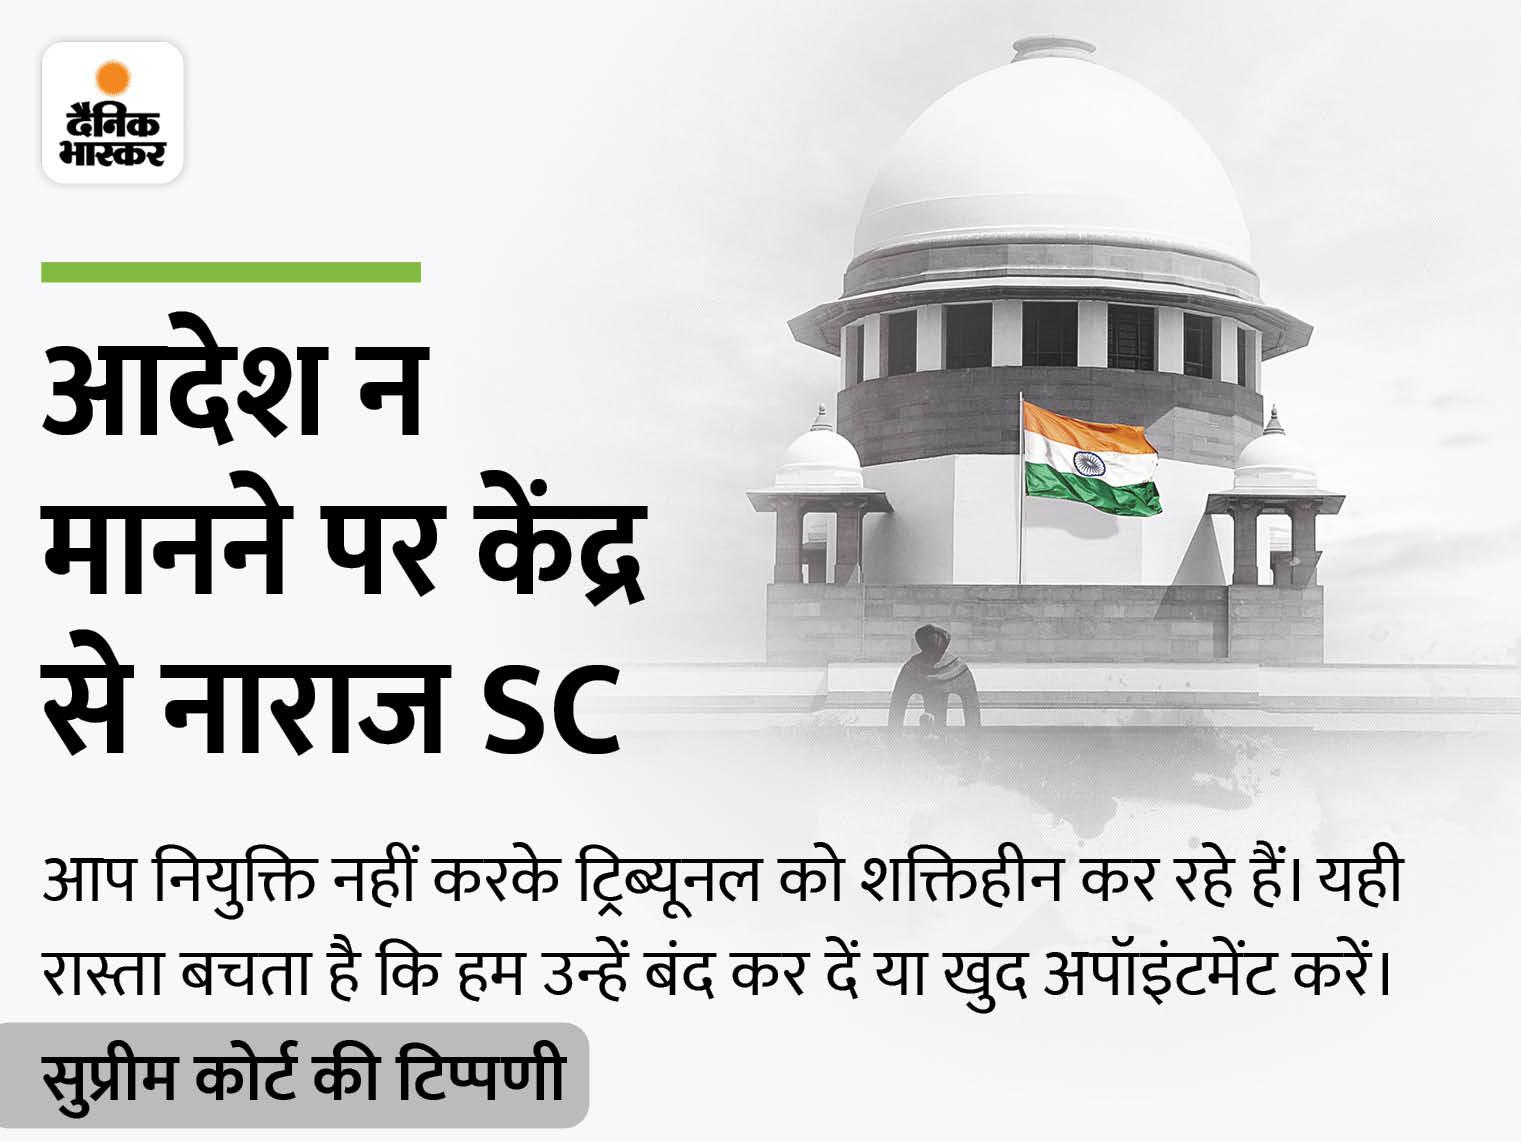 ट्रिब्यूनल में नियुक्ति न करने पर कोर्ट ने कहा- सरकार हमारे फैसलों का सम्मान नहीं कर रही, धैर्य की परीक्षा मत लीजिए|देश,National - Dainik Bhaskar